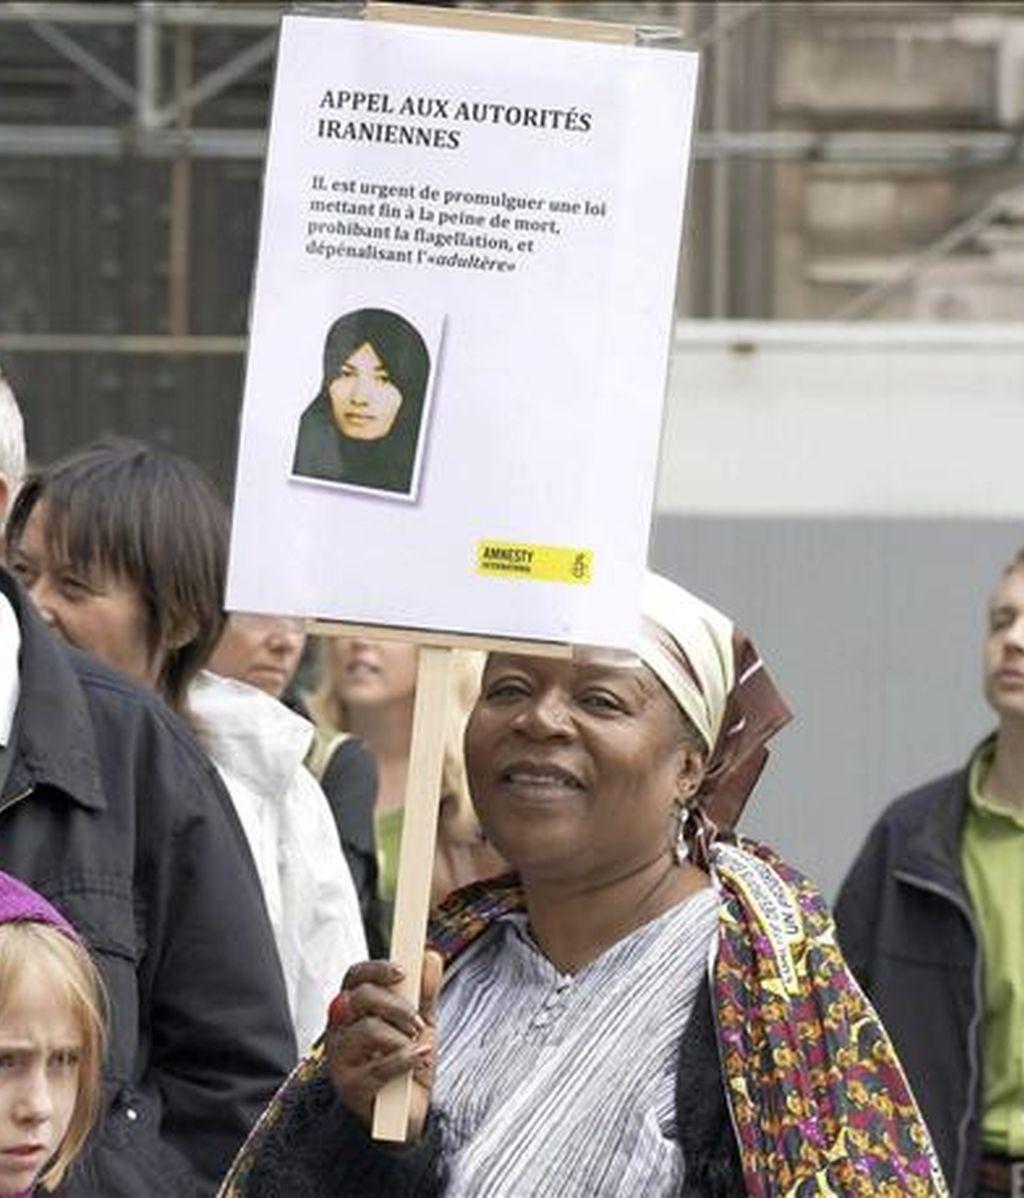 Una mujer participa en una manifestación contra la condena de lapidación a la iraní Sakineh Ashtiani el pasado 8 de junio de 2010. EFE/Archivo